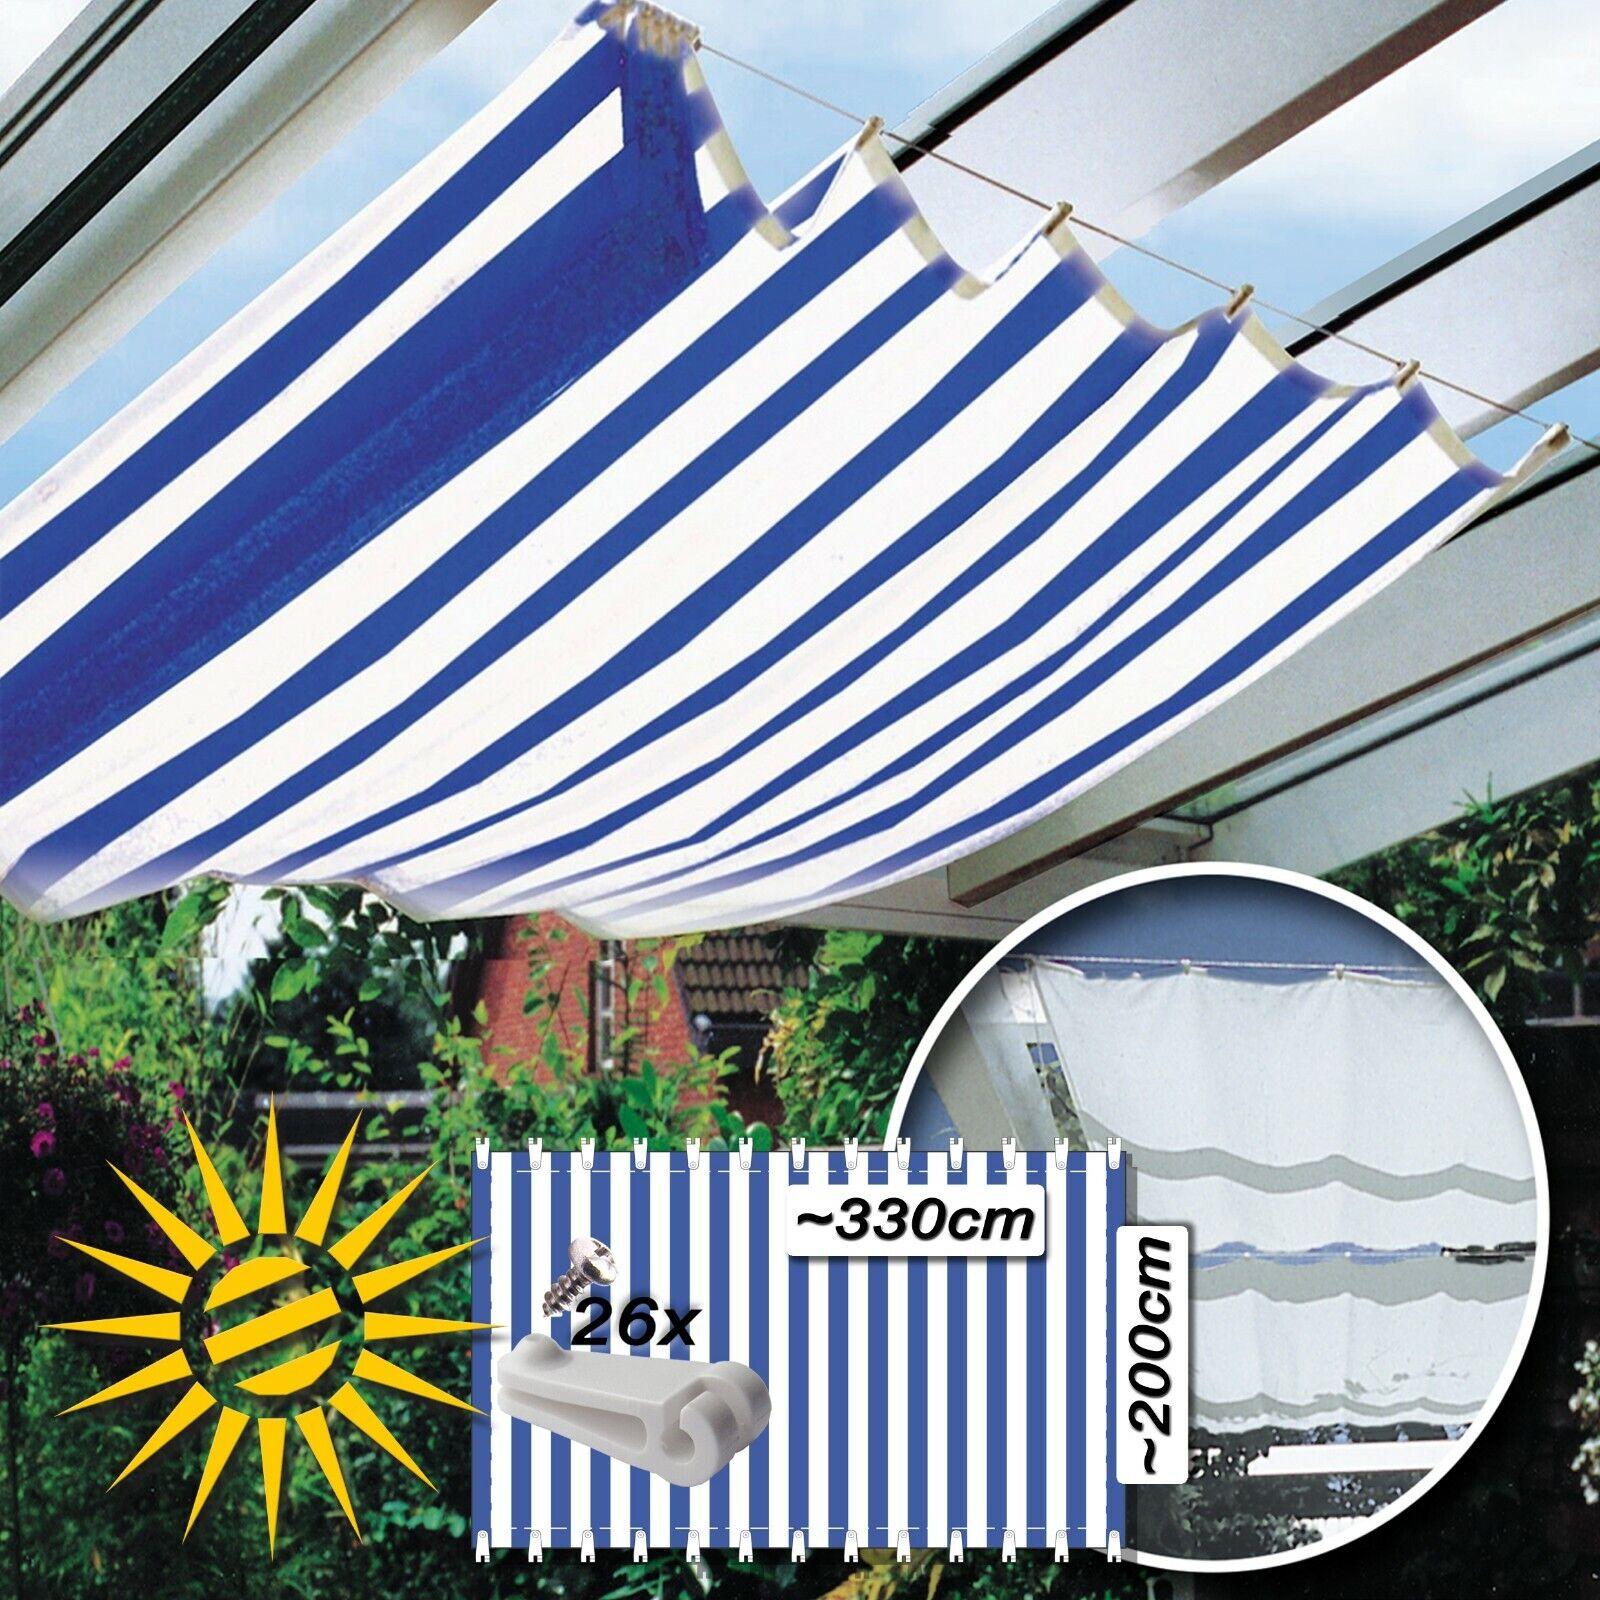 Sonnensegel blau weiss ca 330x200 26 Laufhaken für Seilspannmarkise Wintergarten